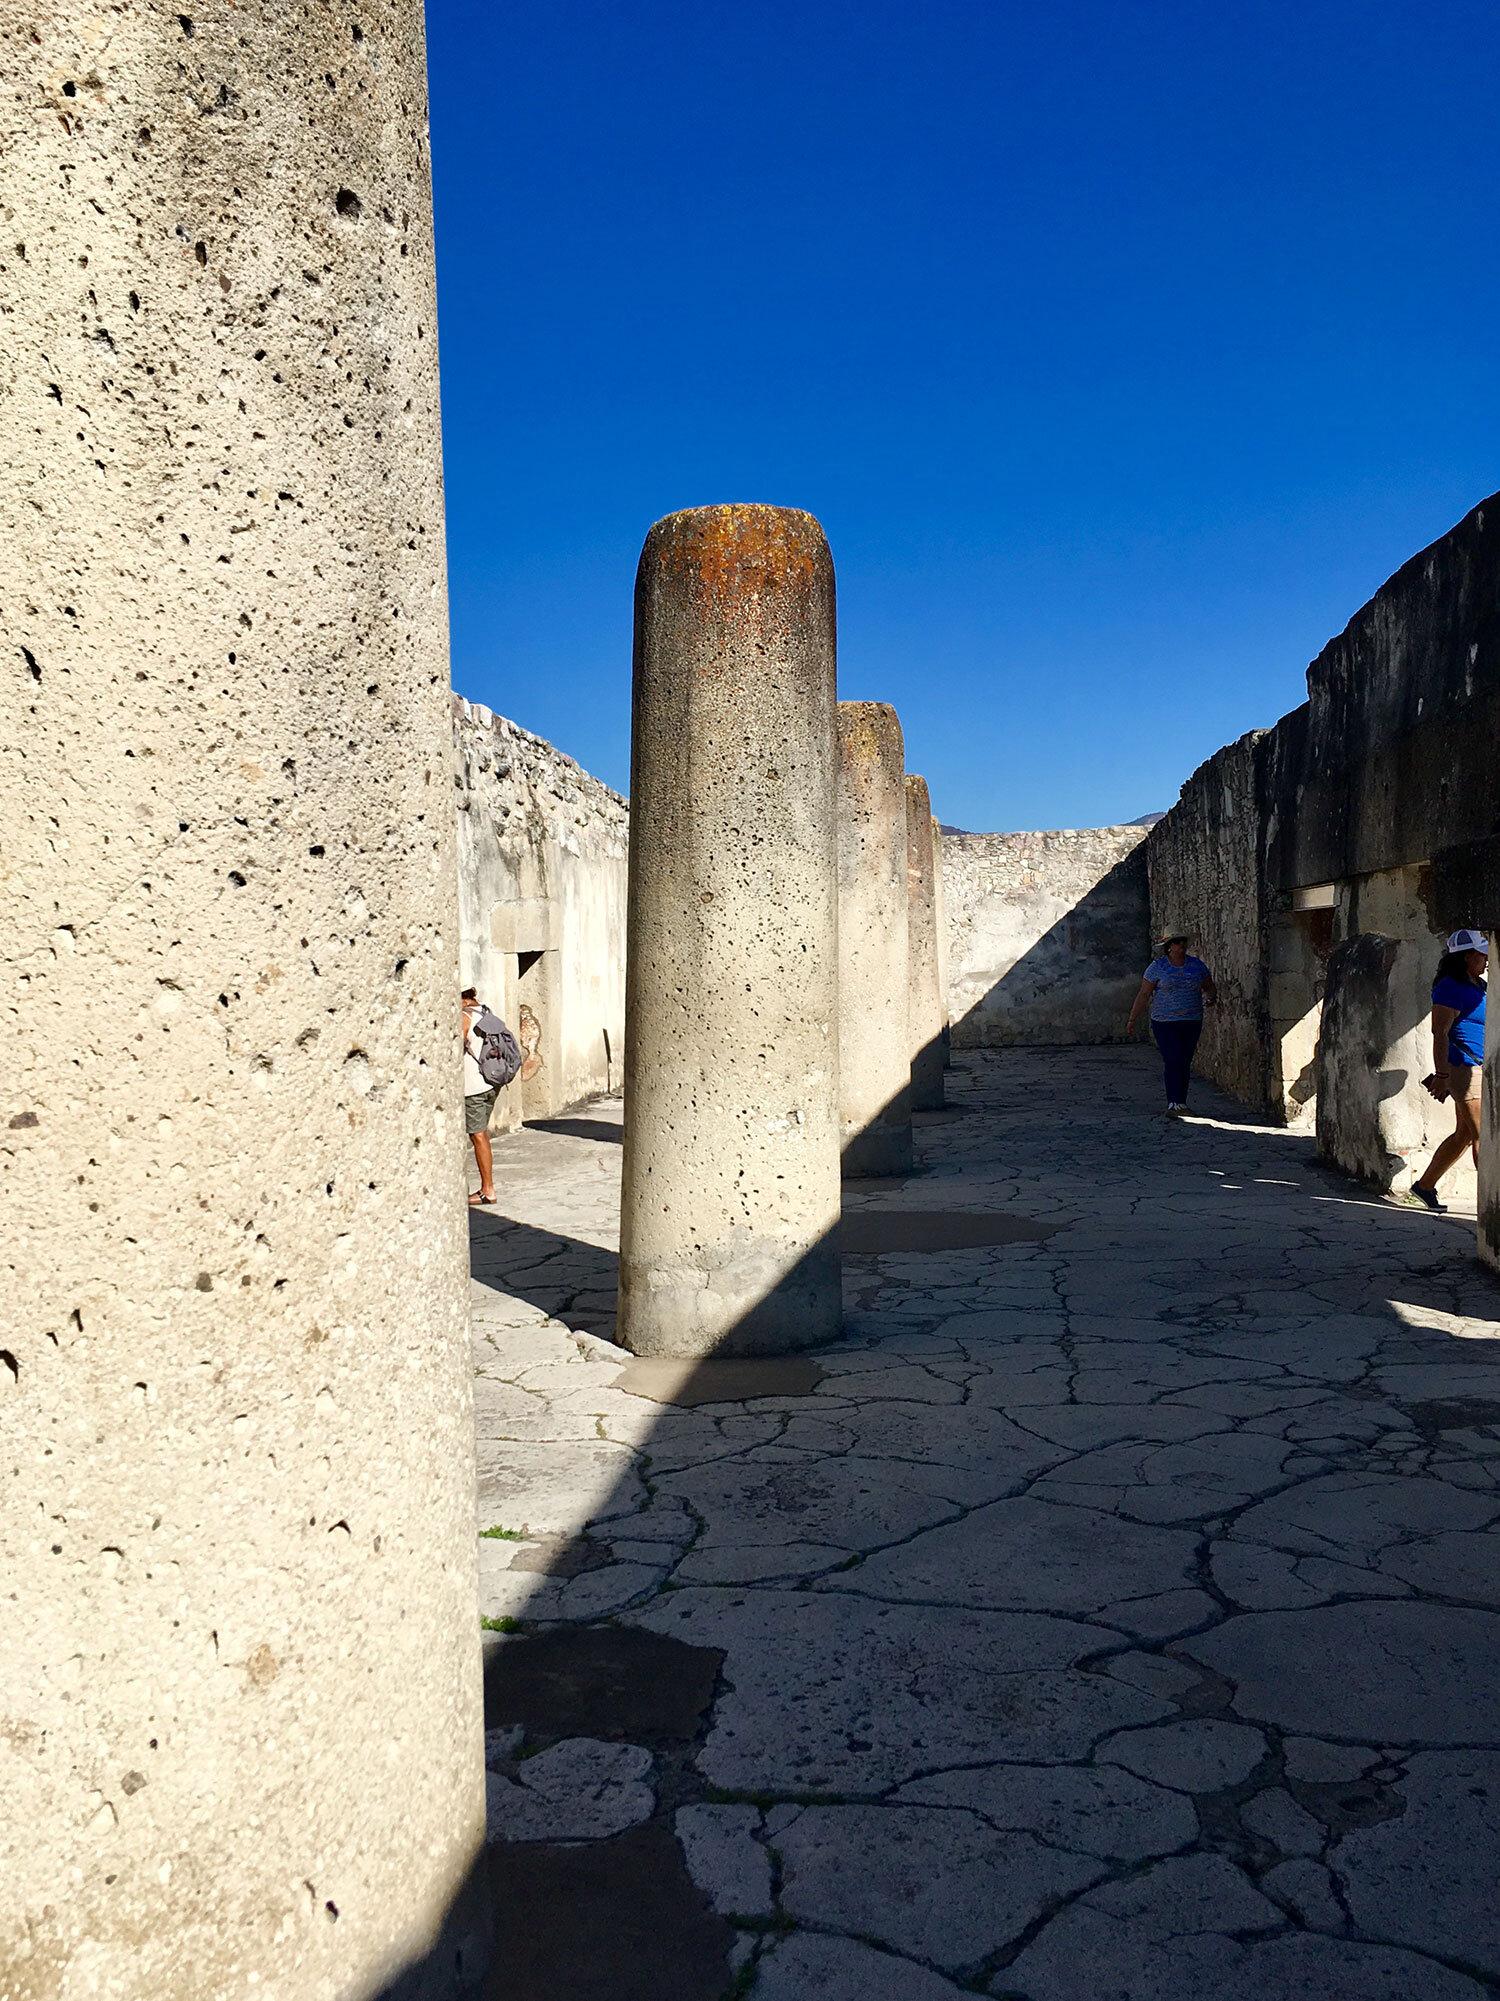 Hammocks_and_Ruins_What_to_Do_Mexico_Oaxaca_pyramids_Zapotecs_Mixtec_Mitla_33.jpg